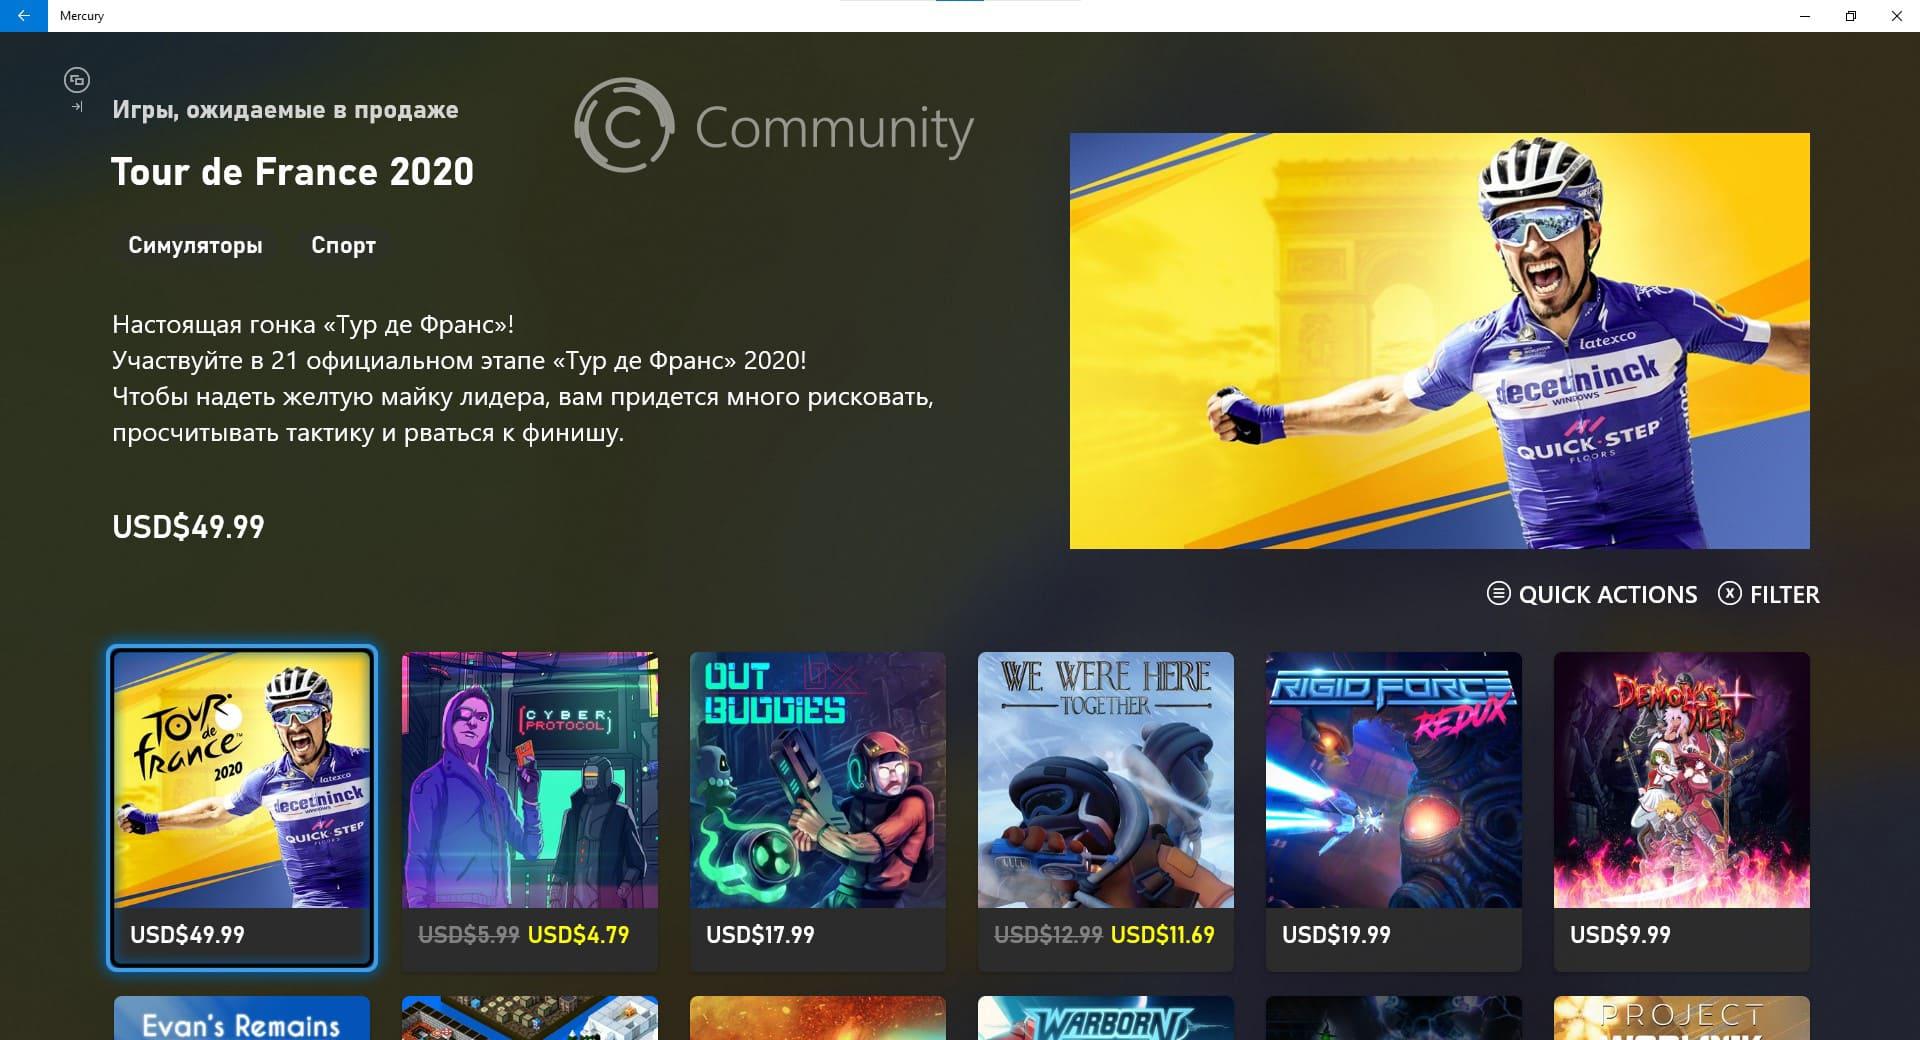 Mercury (nueva tienda de Xbox) Ofertas